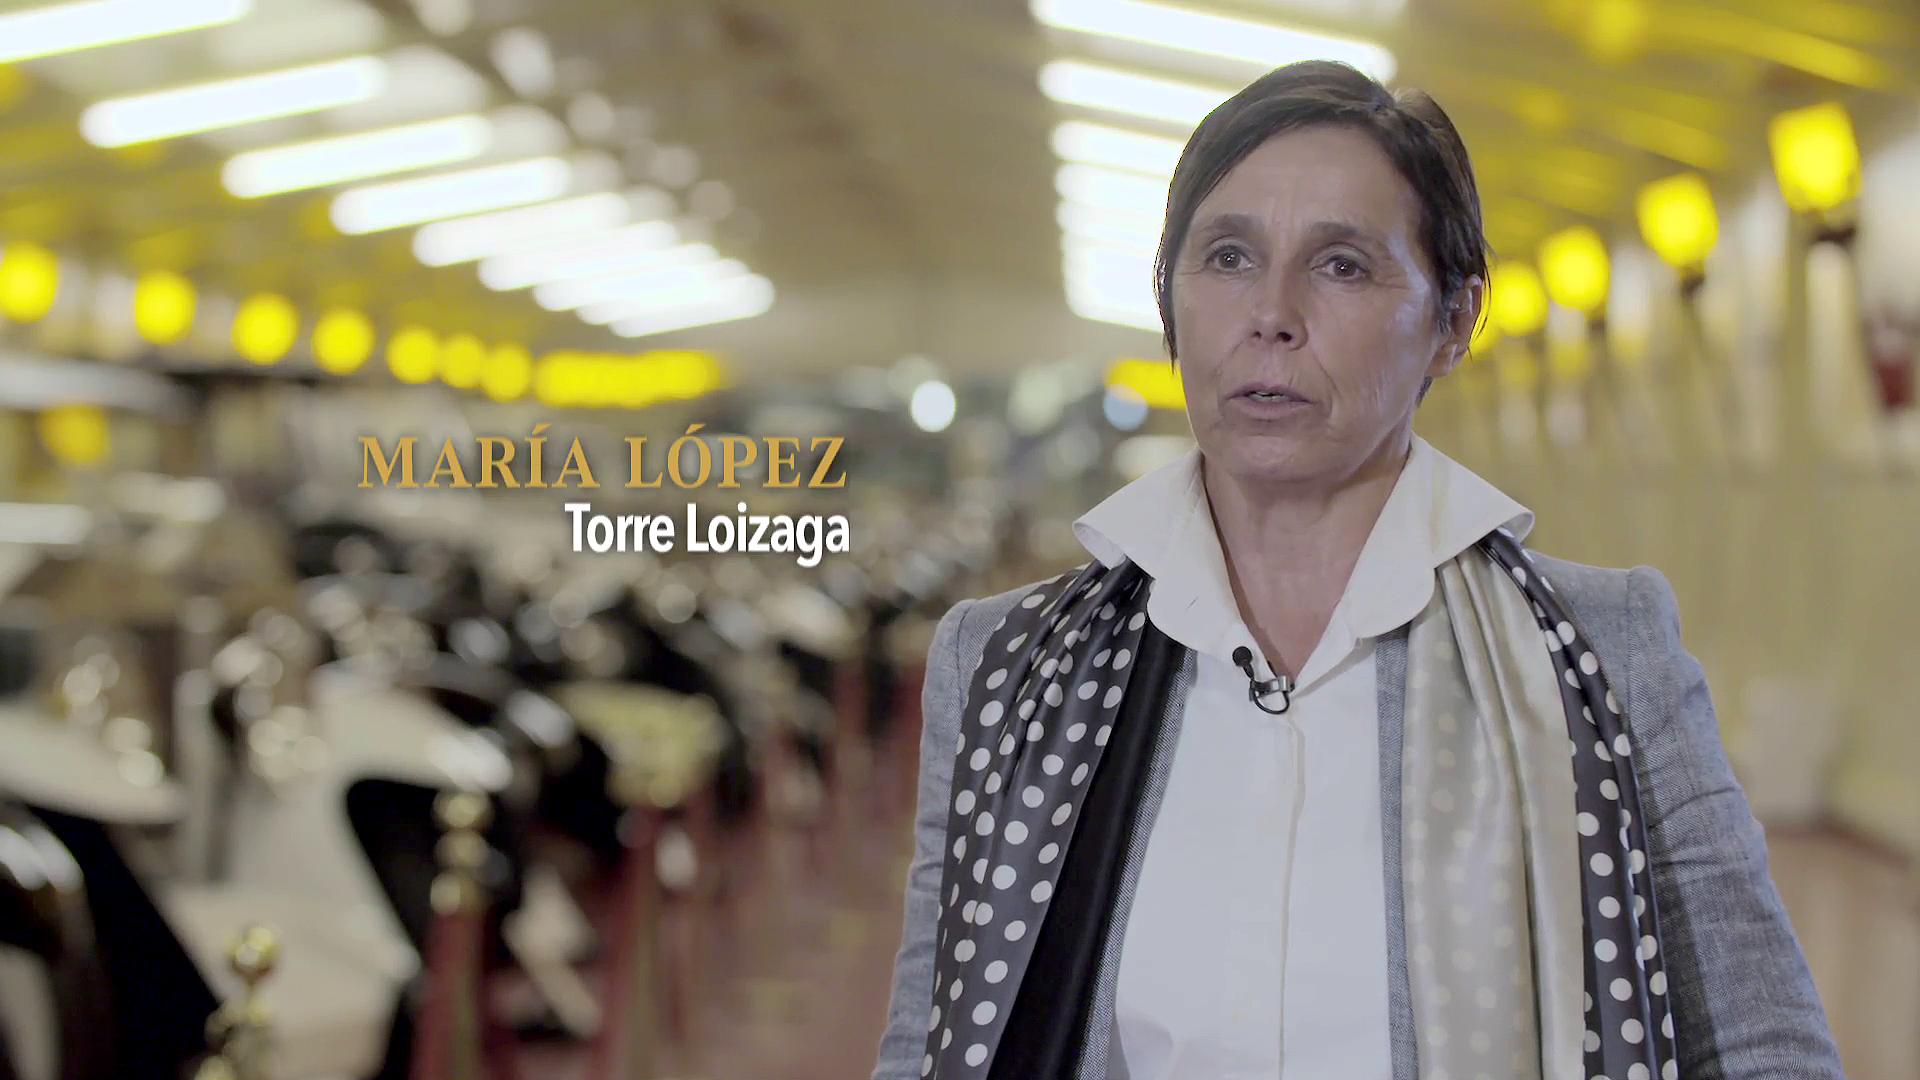 Merkataritza eta Turismo sariak. Loizaga dorrea - María López